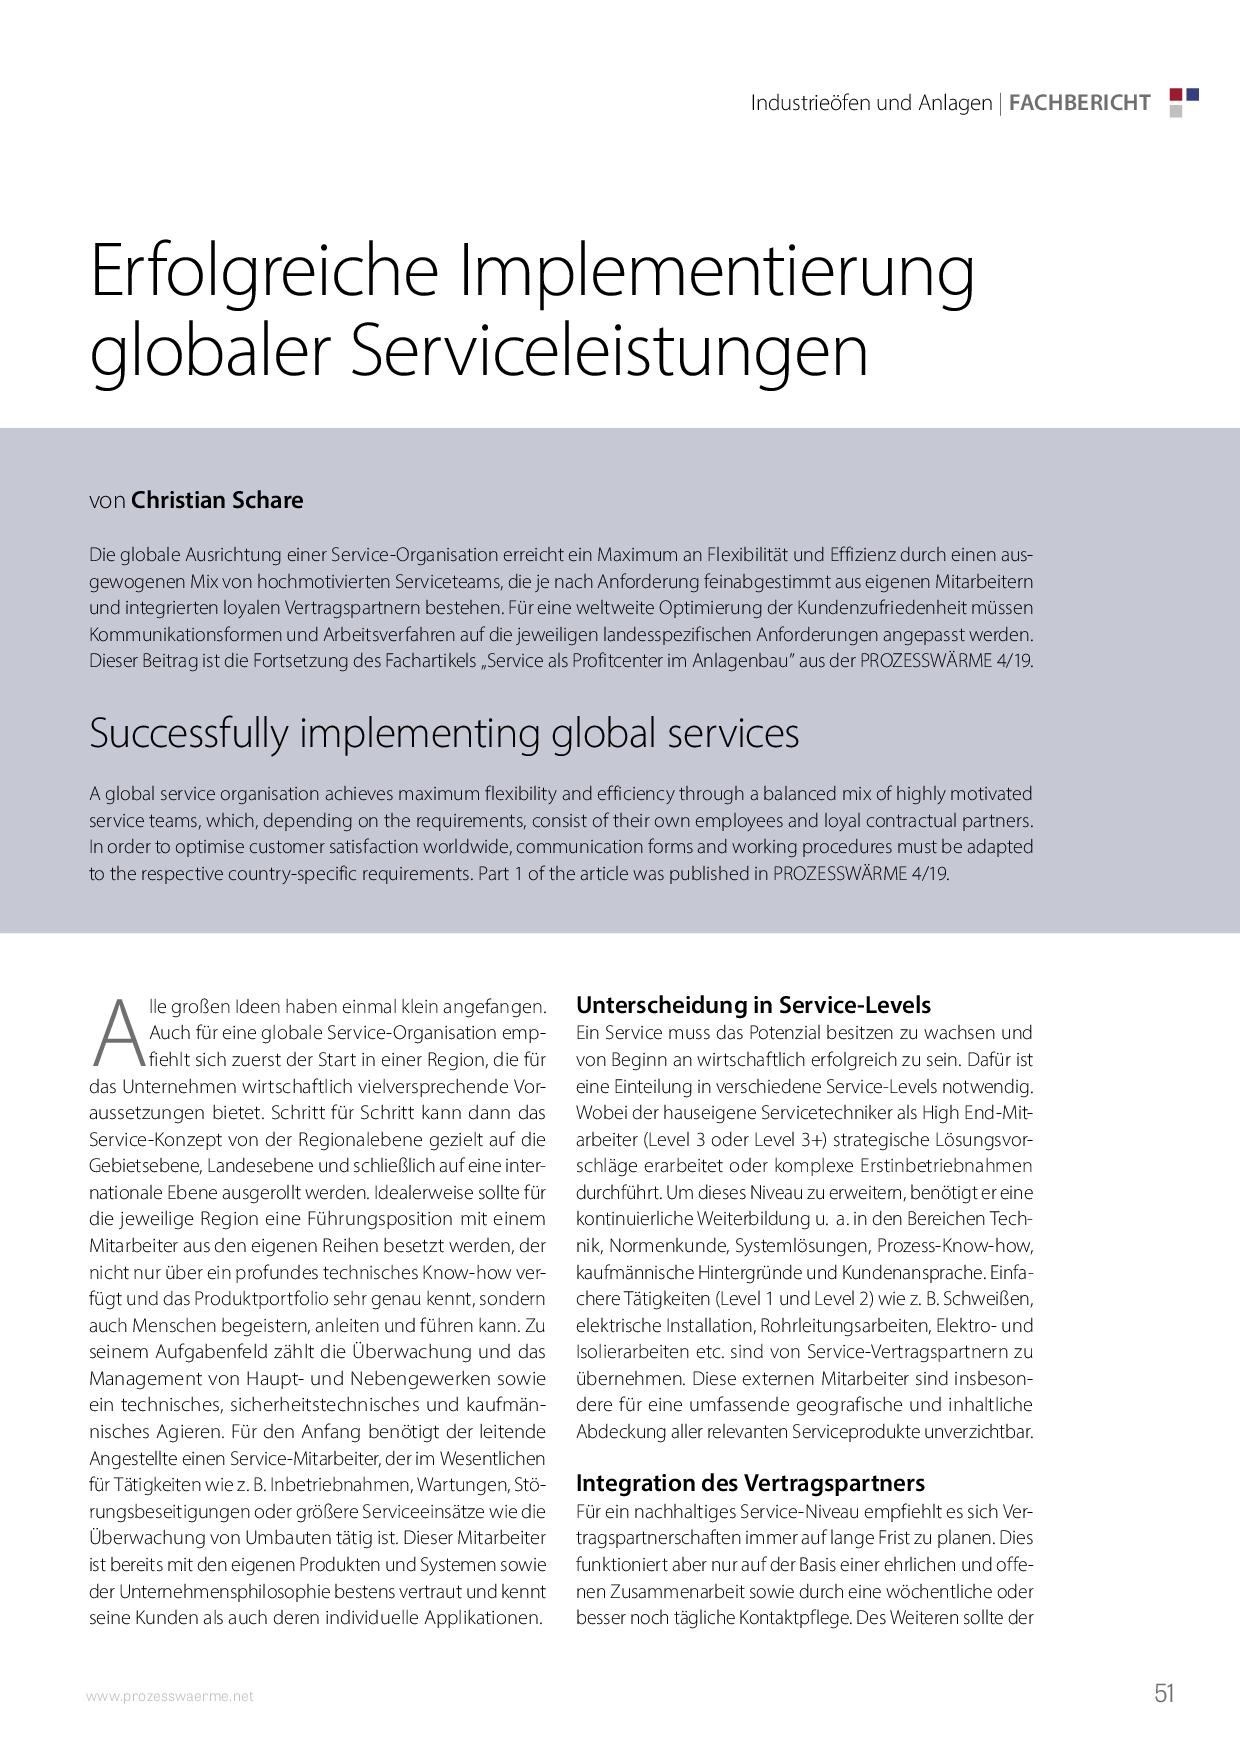 Erfolgreiche Implementierung globaler Serviceleistungen